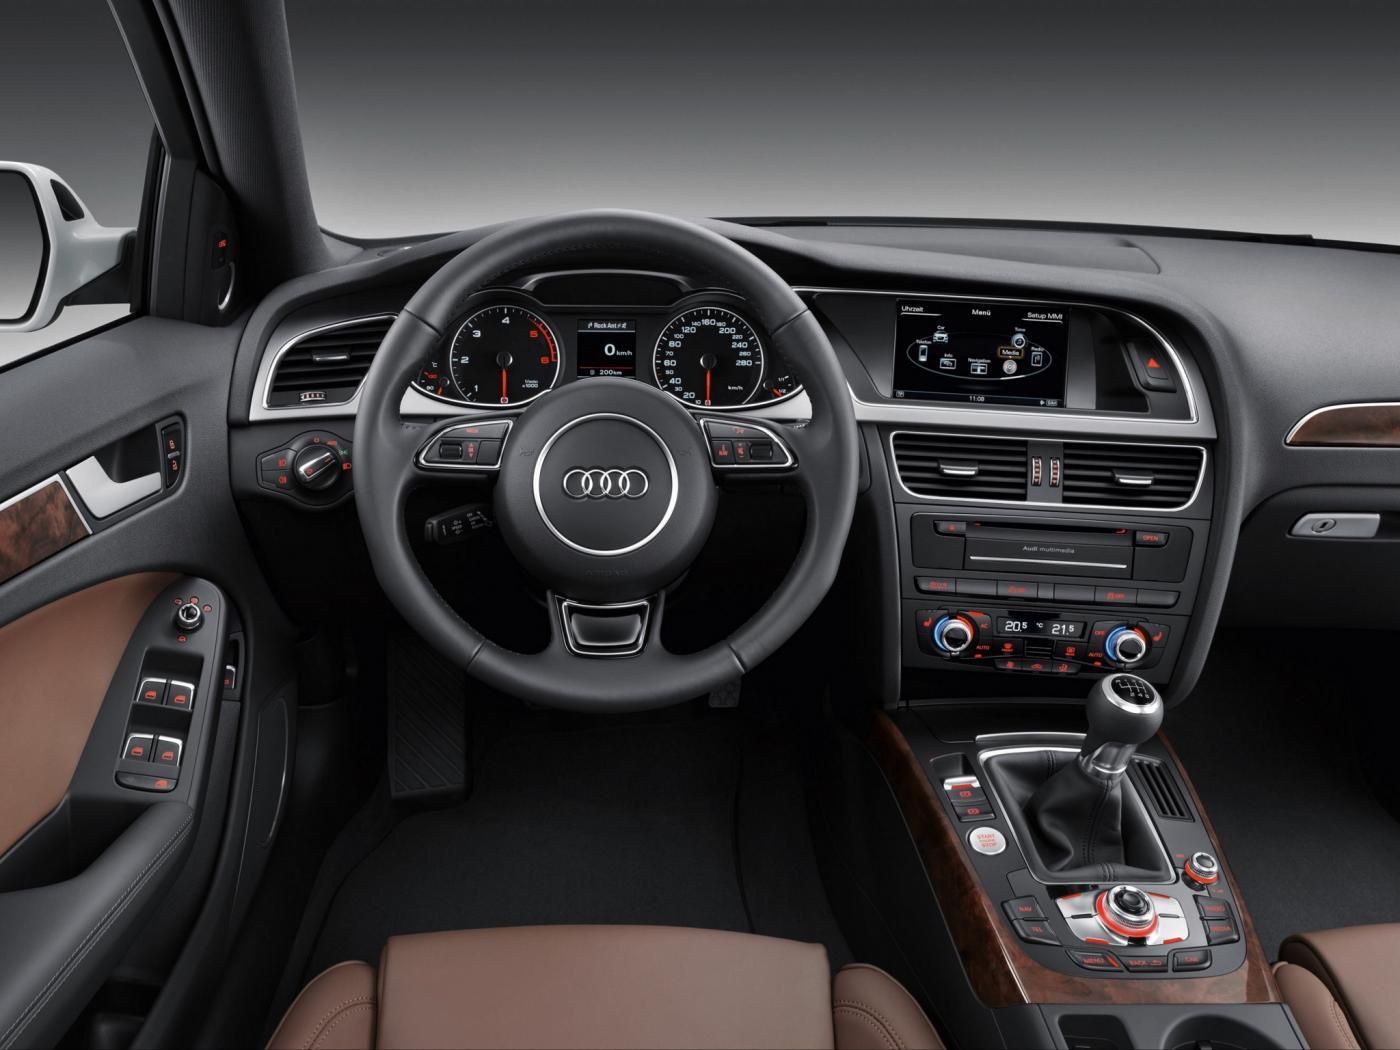 Audi-A4-B8-8